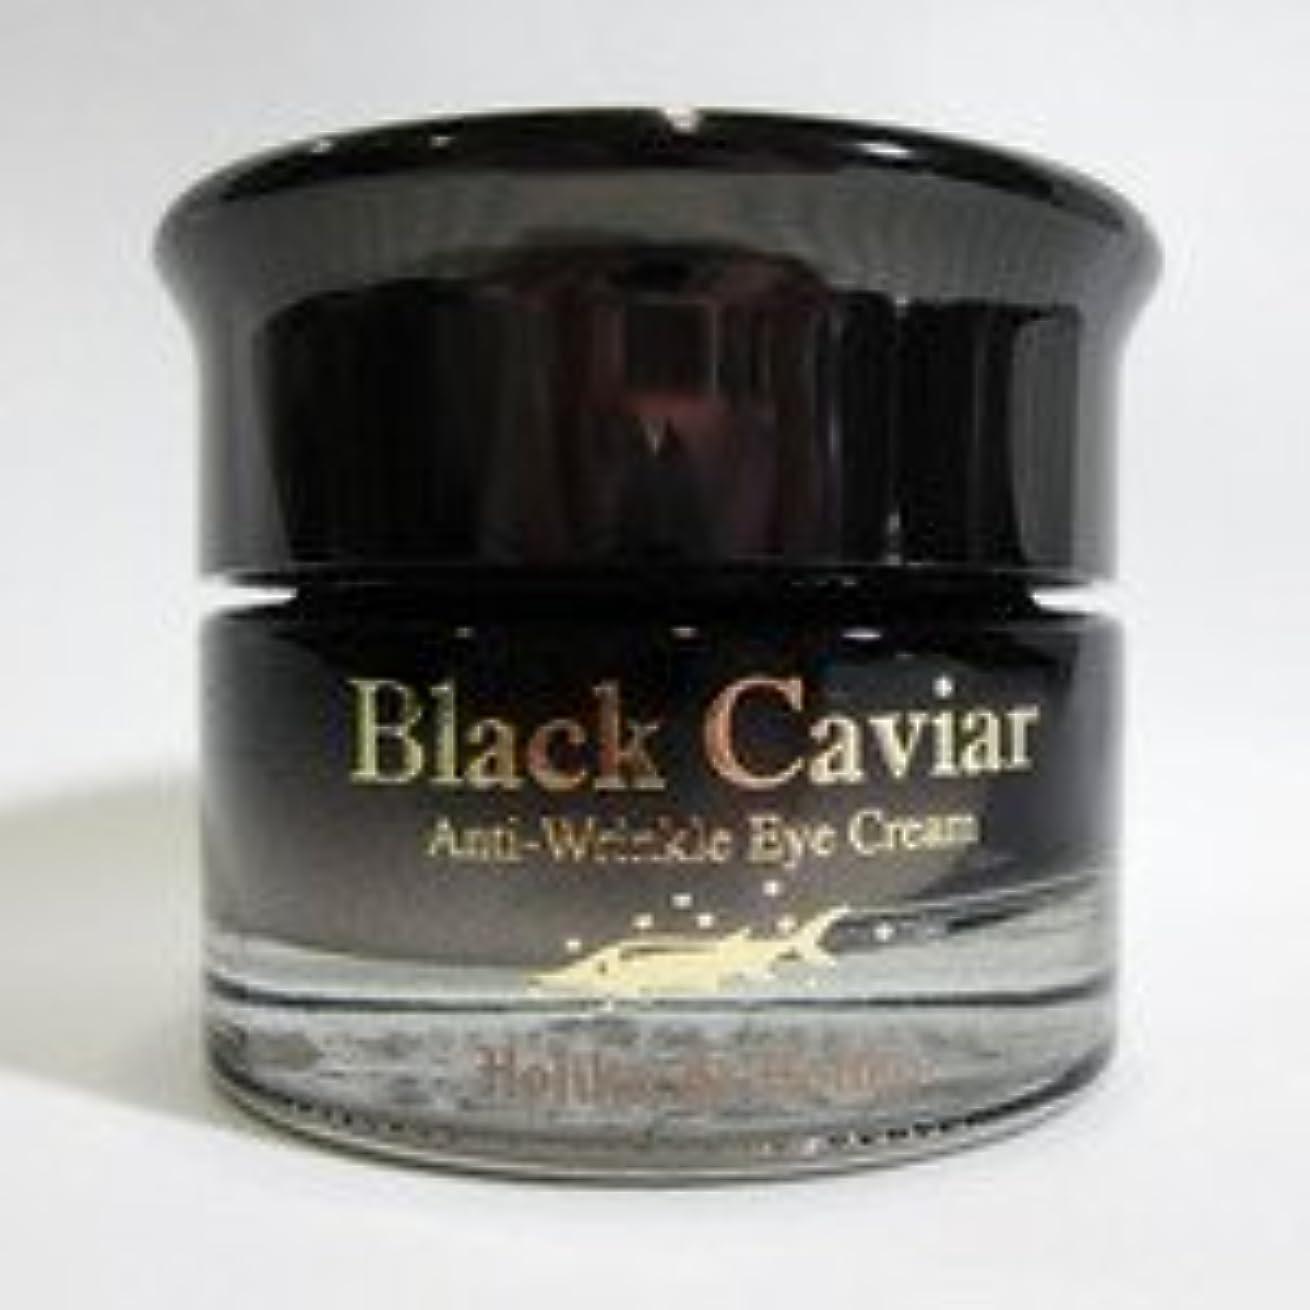 取り替える光のレンジHolika Holika ホリカホリカ ブラックキャビア アンチリンクル クリーム Black Caviar Anti-Wrinkle Cream